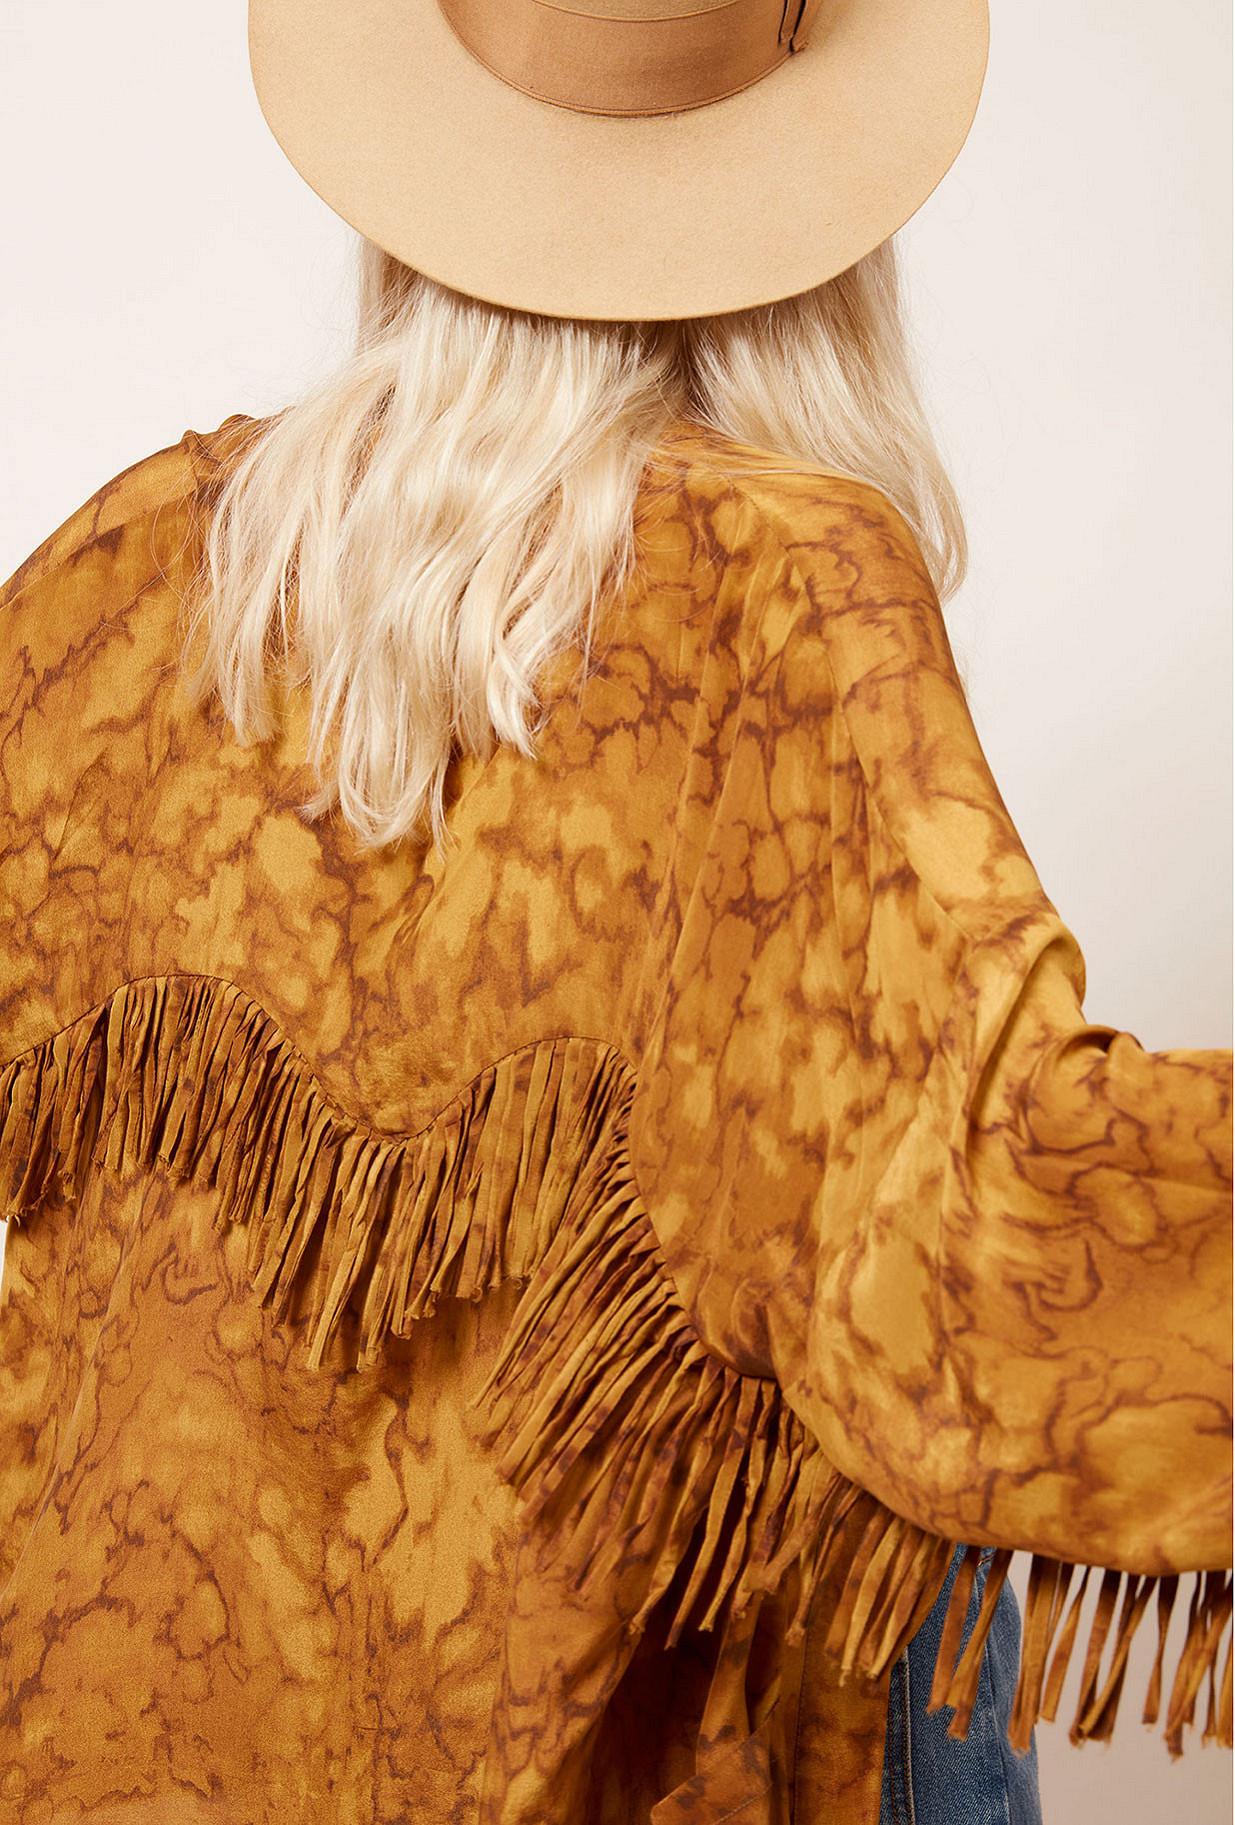 Paris boutique de mode vêtement Veste créateur bohème Machistador